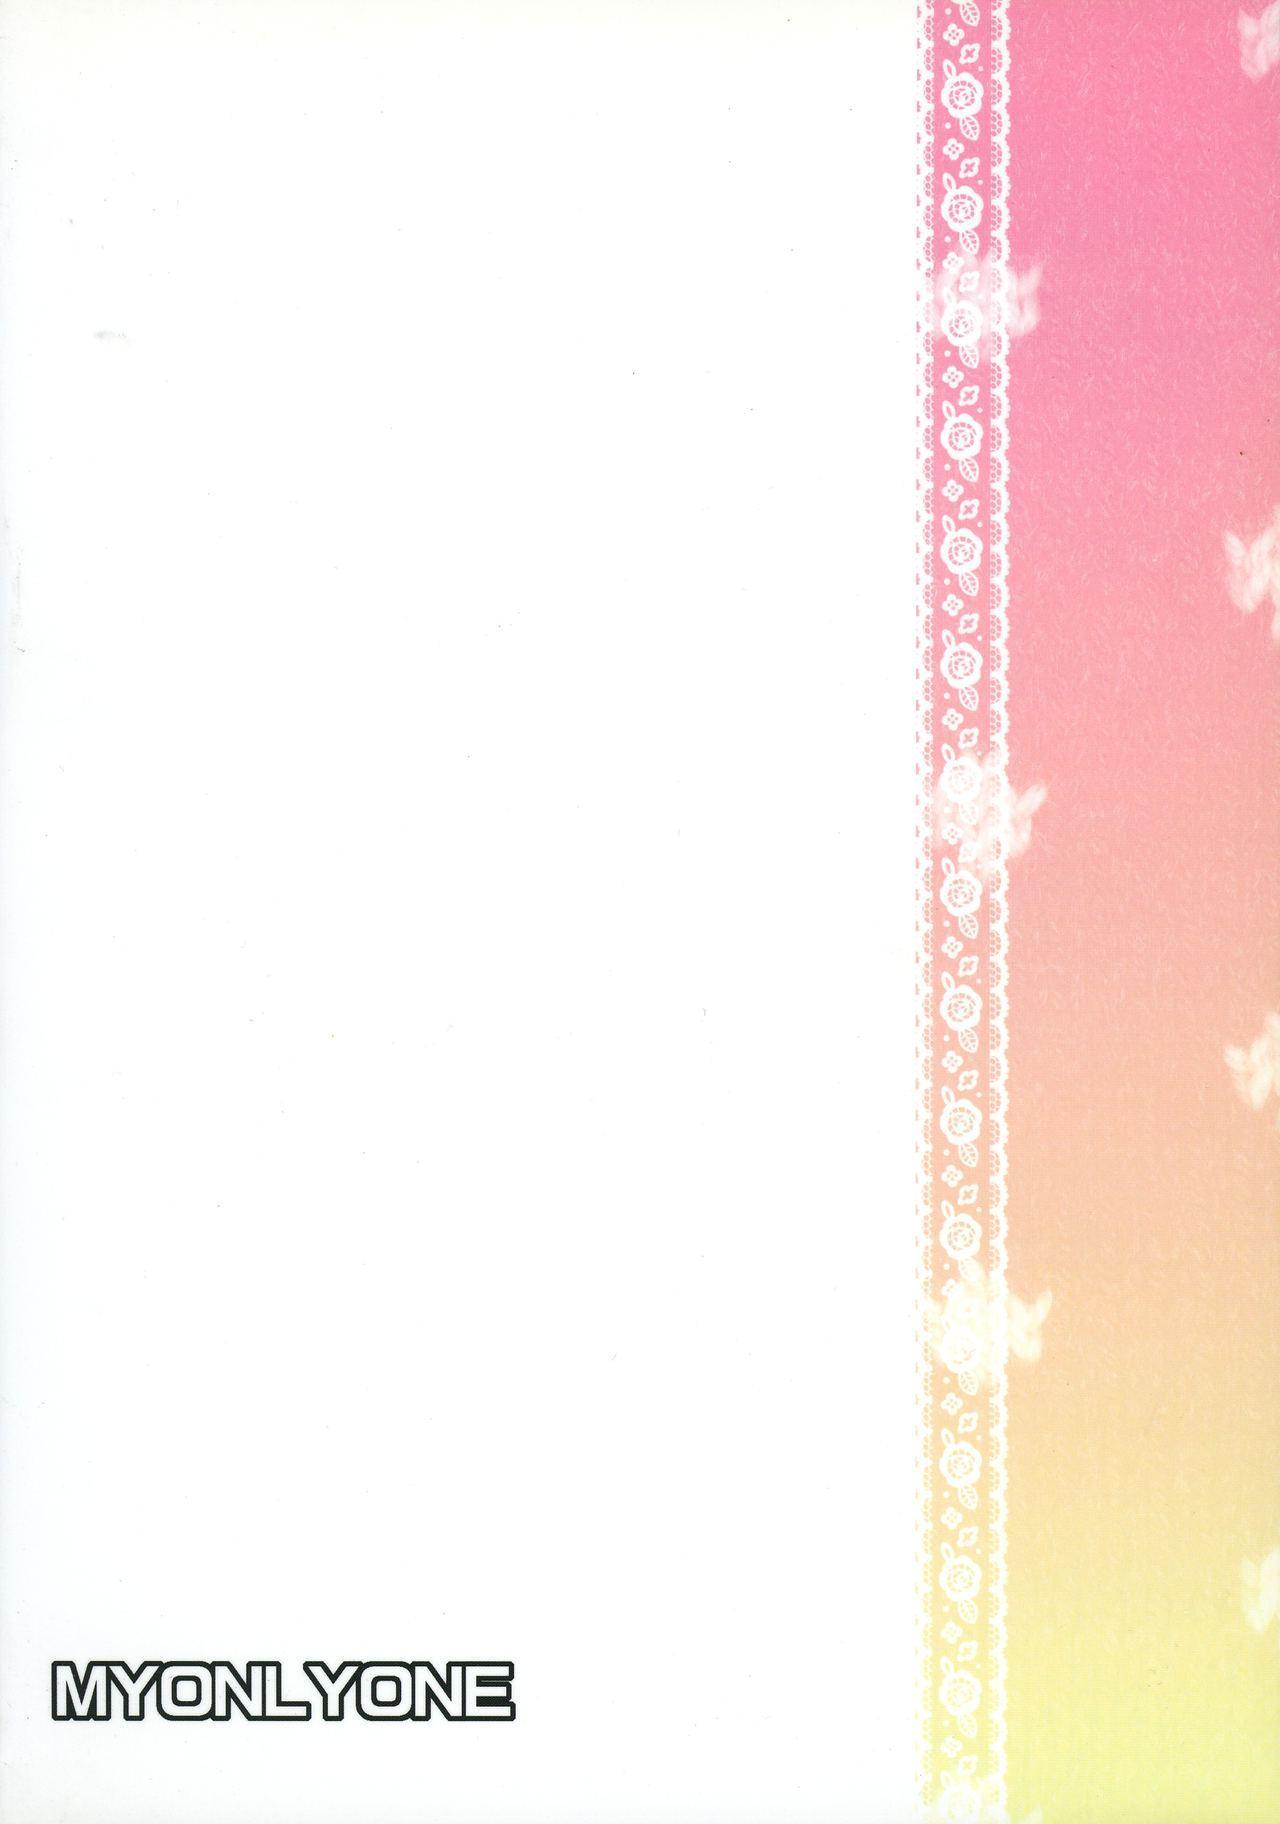 (C80) [MYONLYONE (Kureha Eiko)] Asakura-san to o Uchi de Nyan-Nyan suru Hon (Suzumiya Haruhi no Yuuutsu) 1